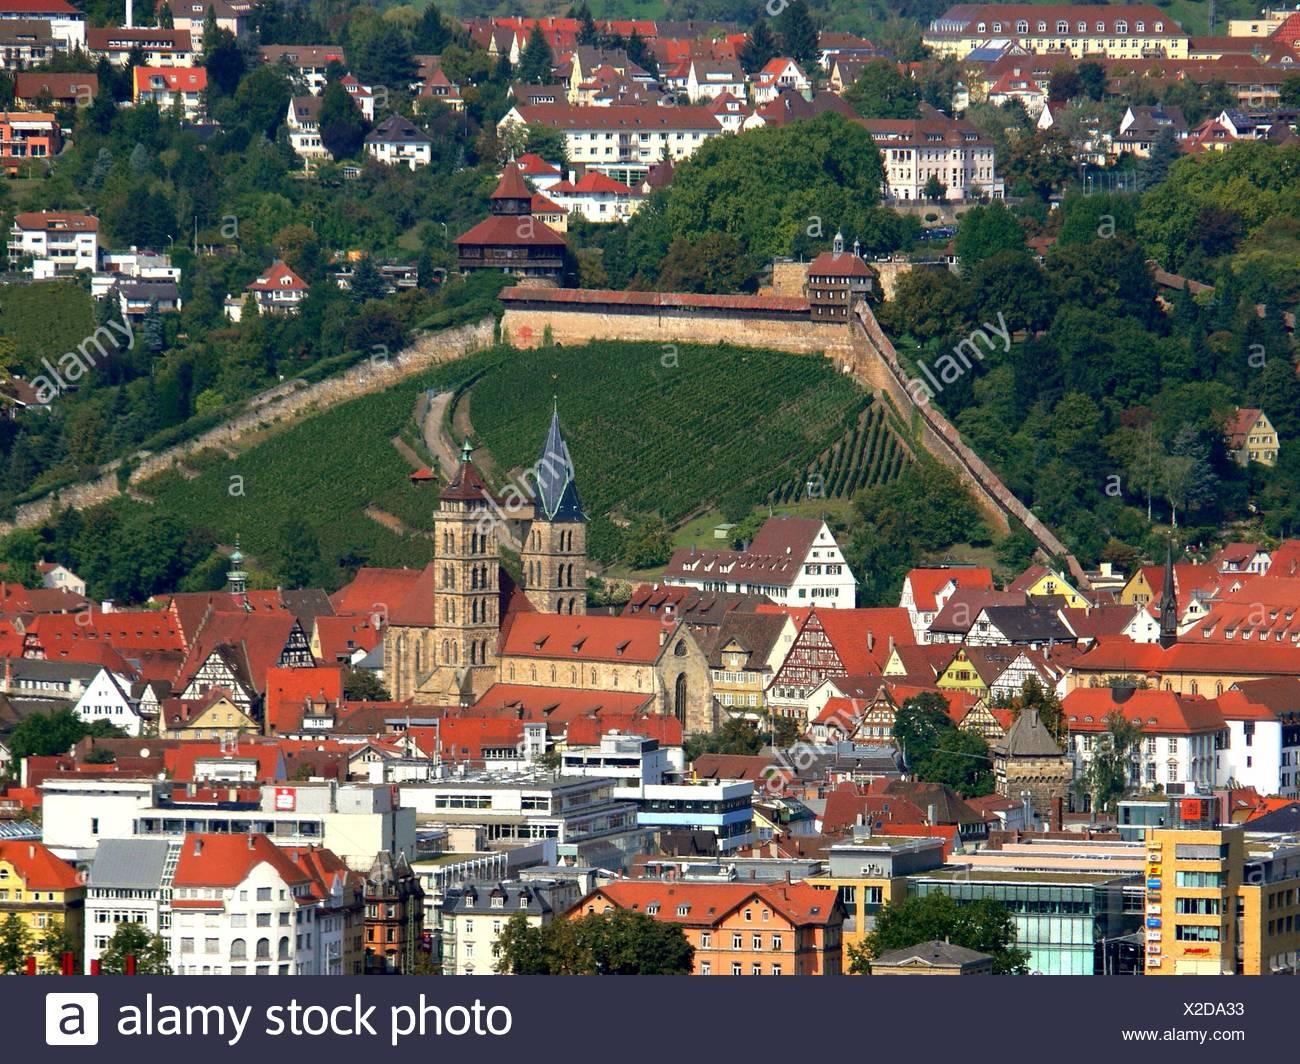 Weinberge Stadtbild übersicht Totale Schloss Burg Mittelalter